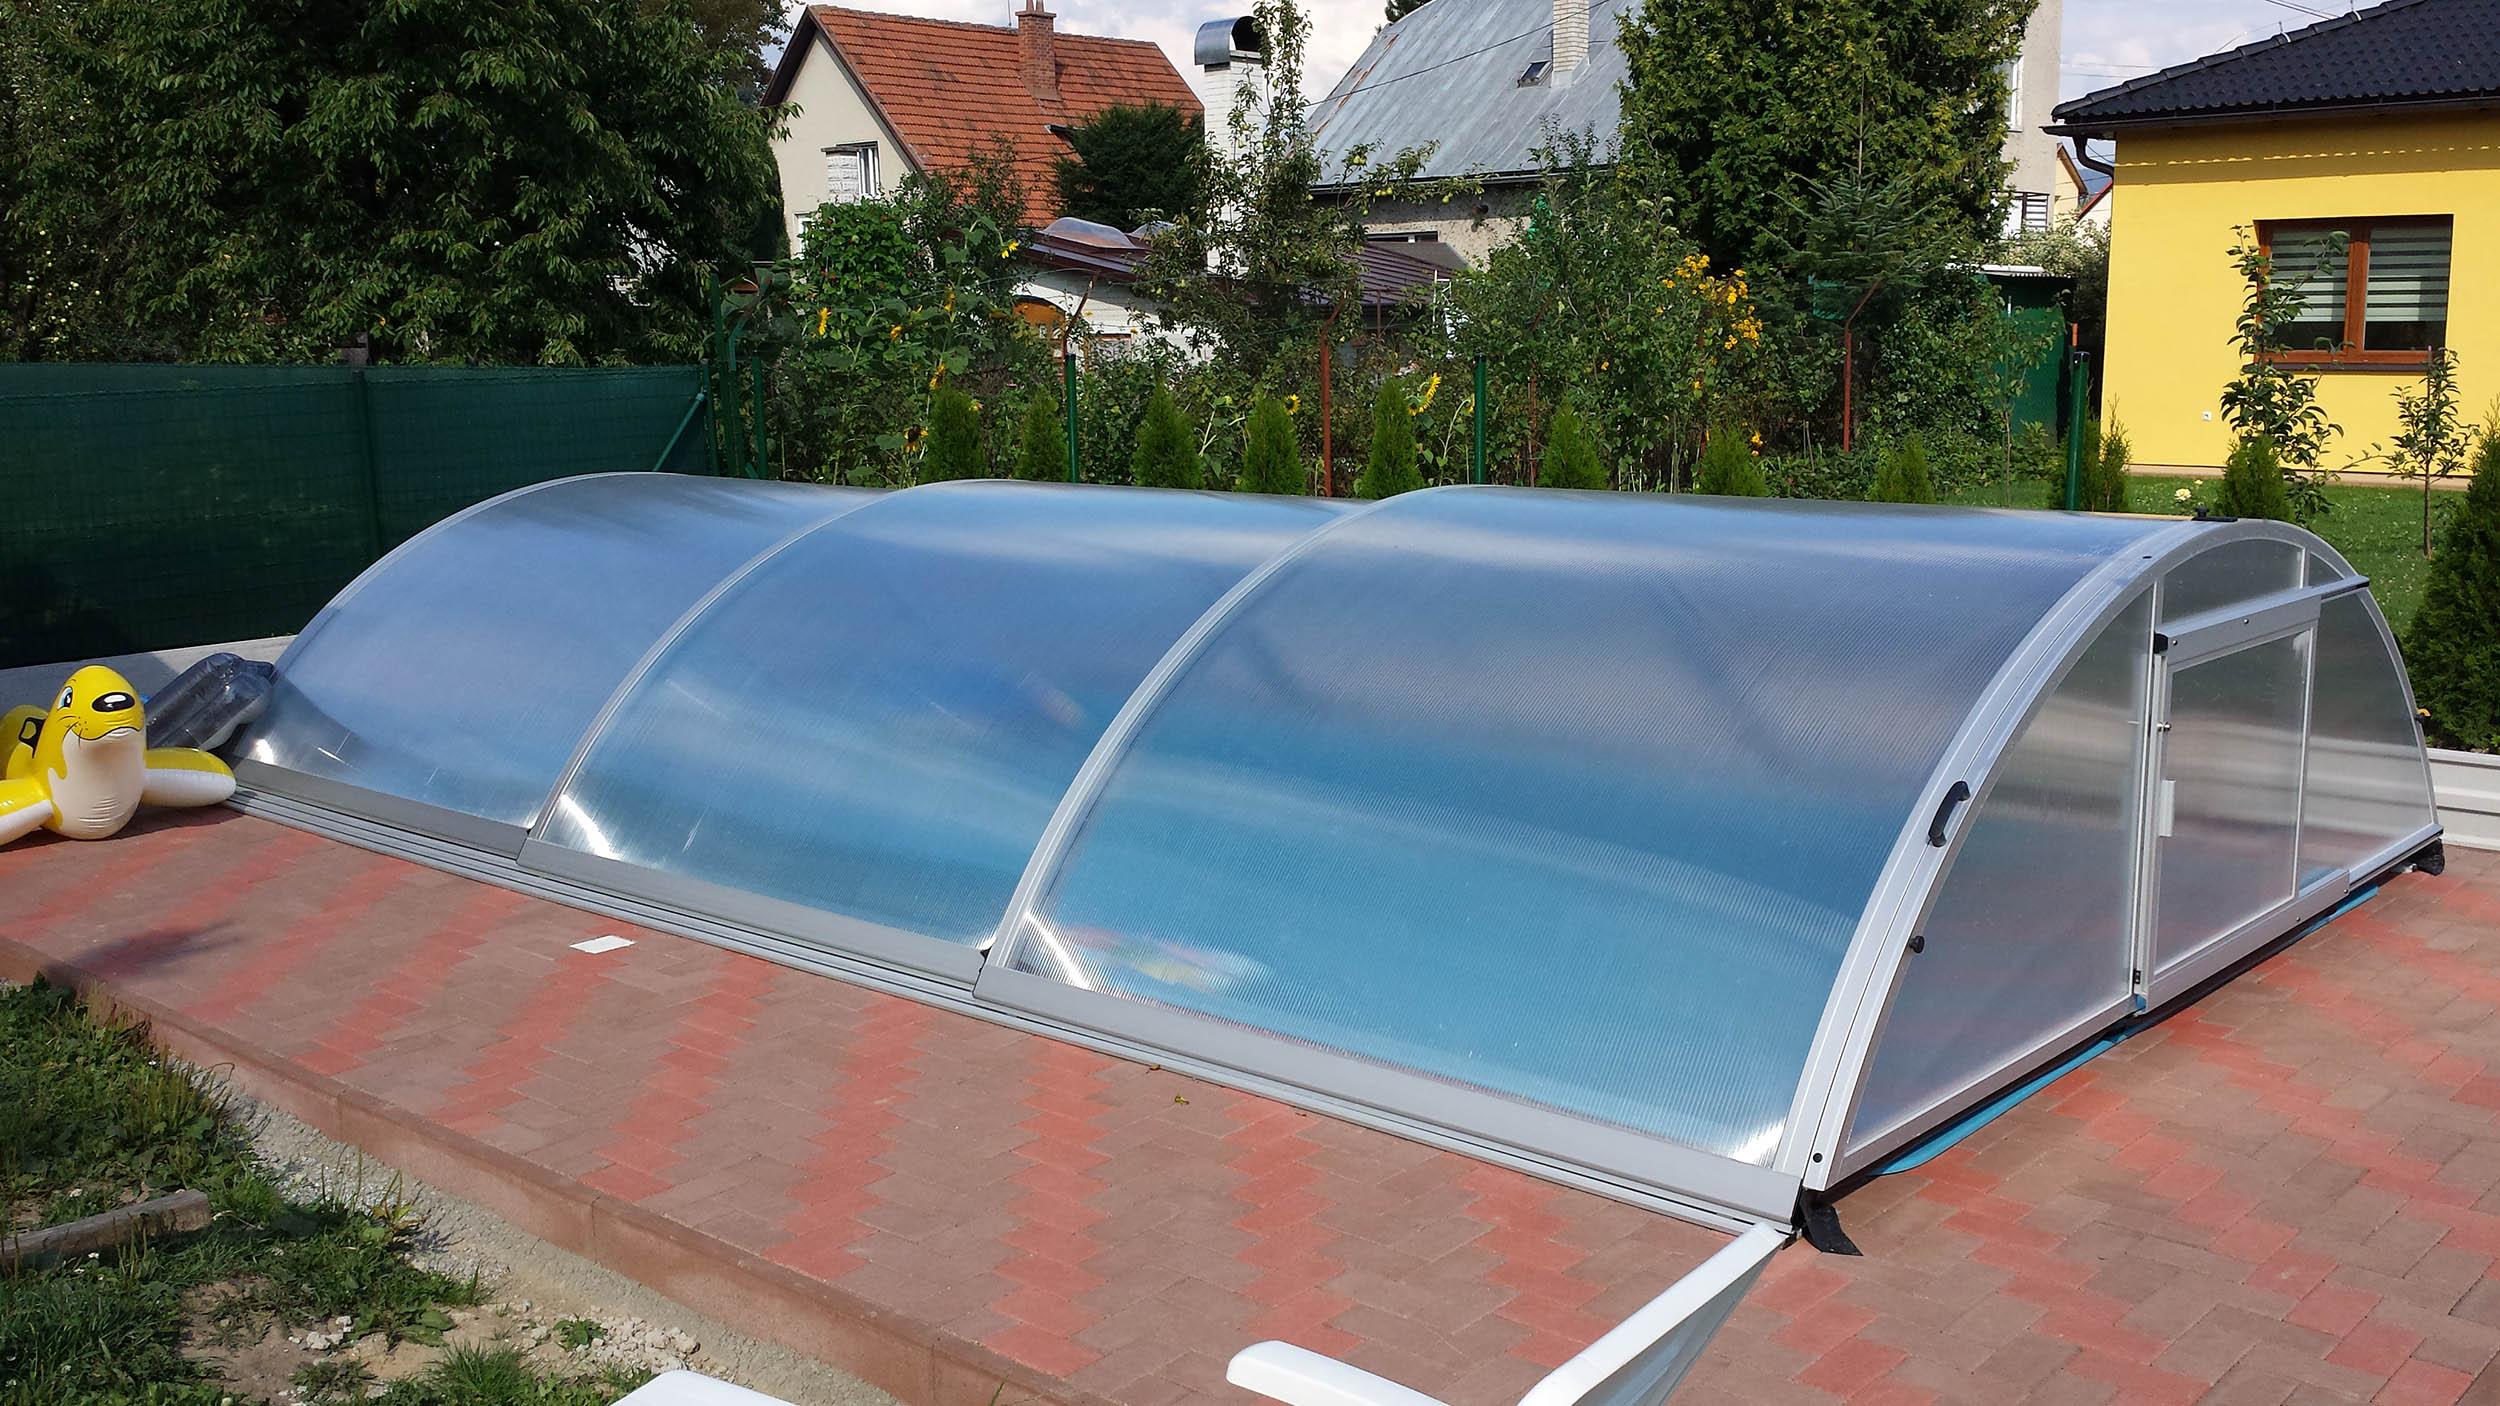 616724b0c2 Téma - Stavba bazénu Mountfield (Calypso 6x3m) • www.stavba-az.sk